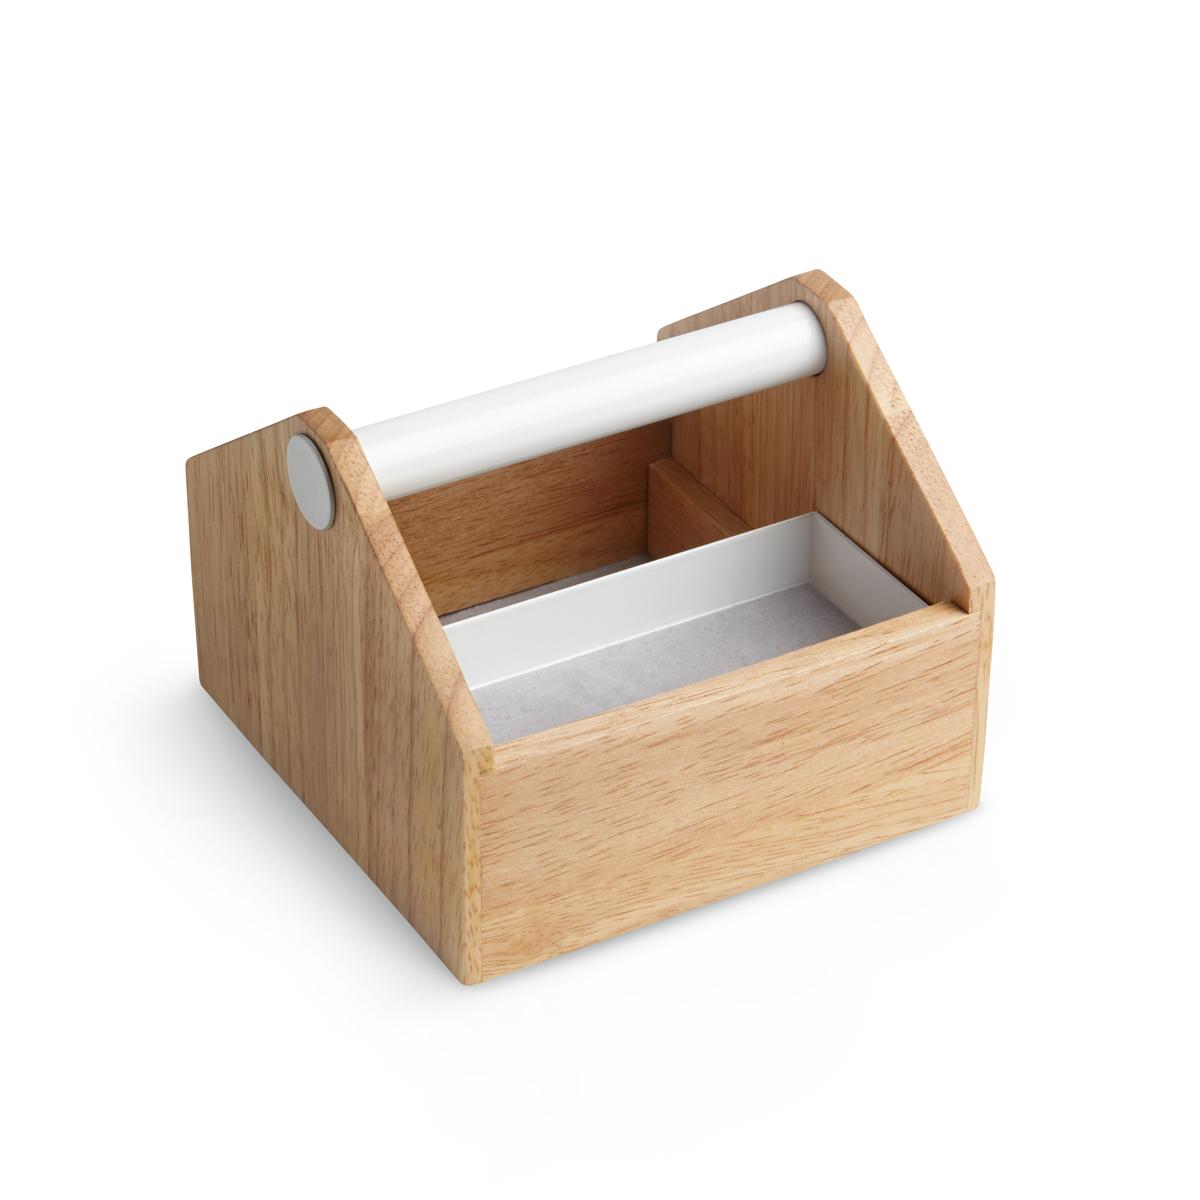 Шкатулка для украшений Umbra Toto, малая290238-668Что общего у ящика для инструментов и бижутерии? Вдохновившись ящиком плотника, дизайнеры создали вот такую шкатулку-органайзер для разборчивых модниц, оставив все только лучшее и удобное. Эргономичная ручка для переноски, выдвигающиеся ящички и отделения разного размера - удобно для хранения косметики, украшений и даже офисных принадлежностей.